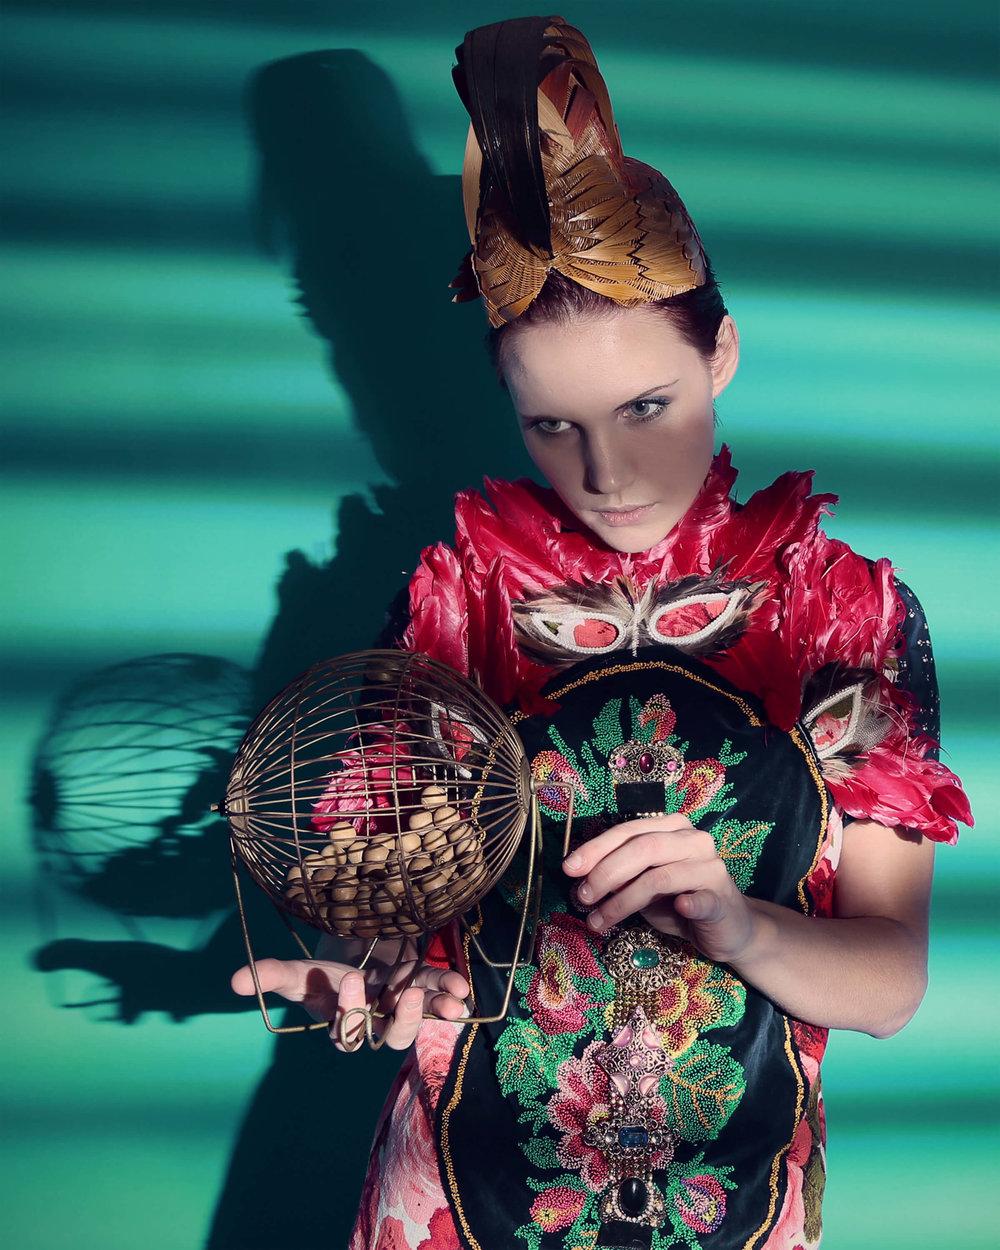 fashion_kellylights.jpg